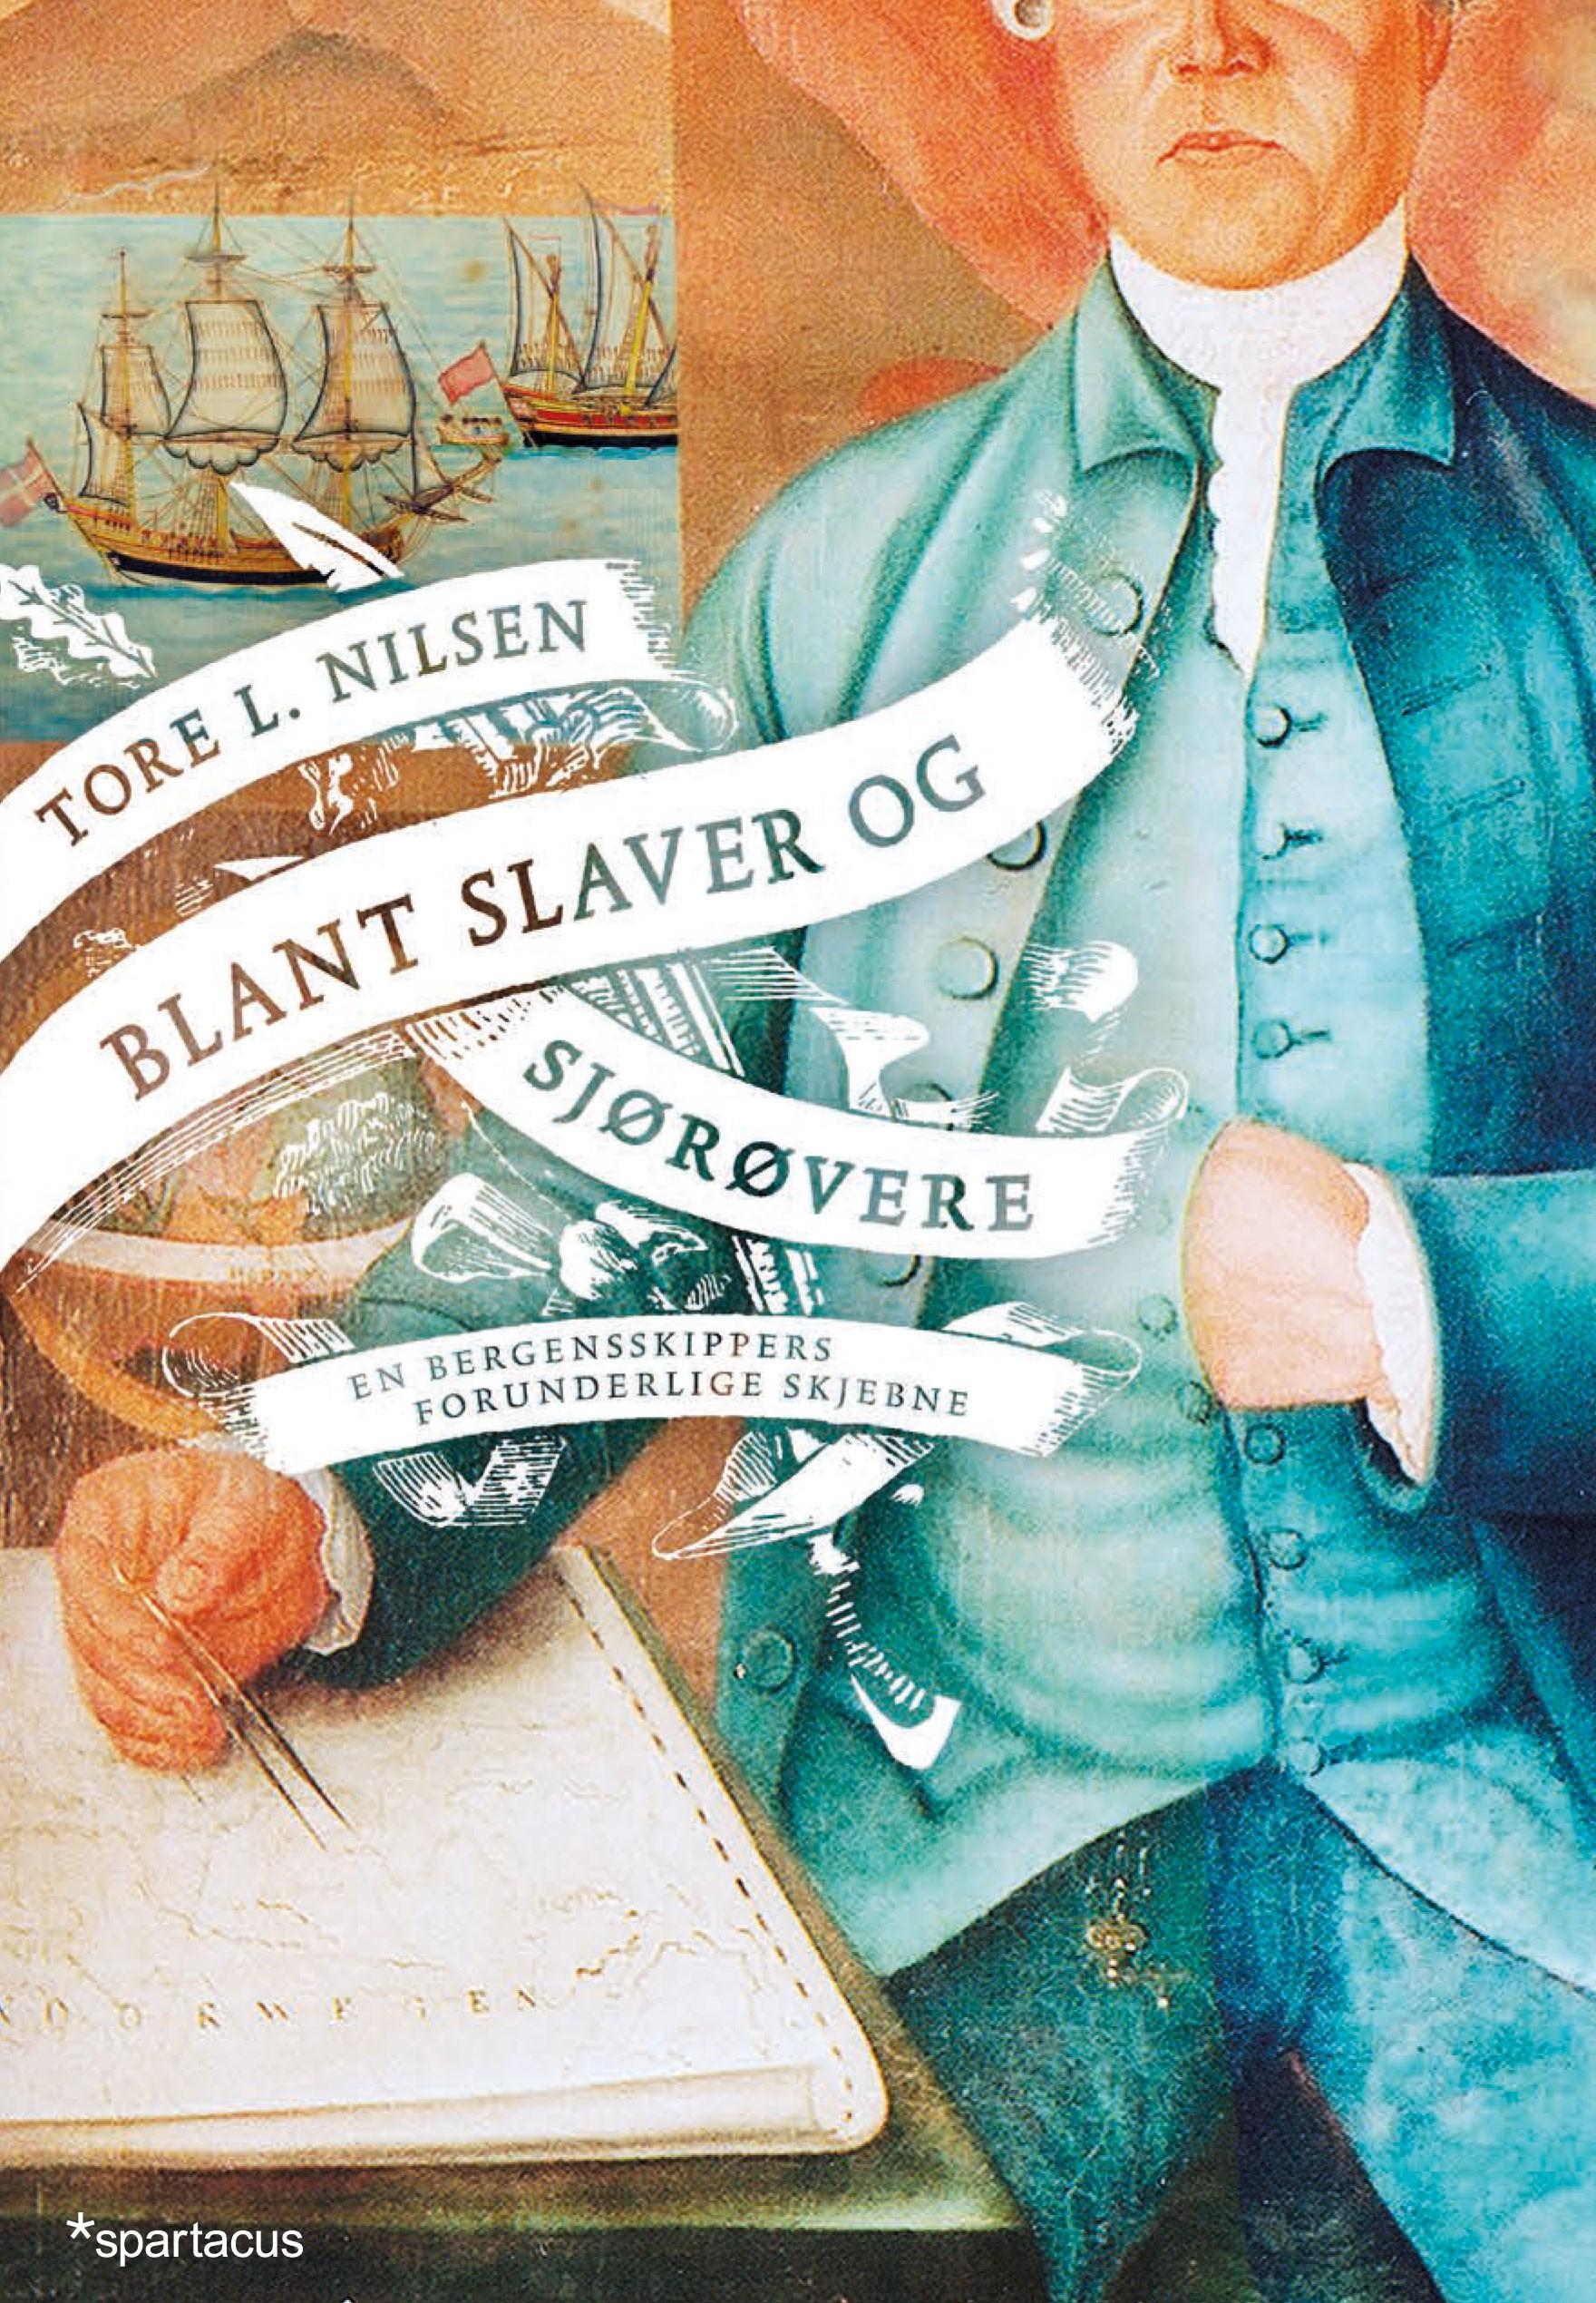 Blant slaver og sjørøvere - omslag